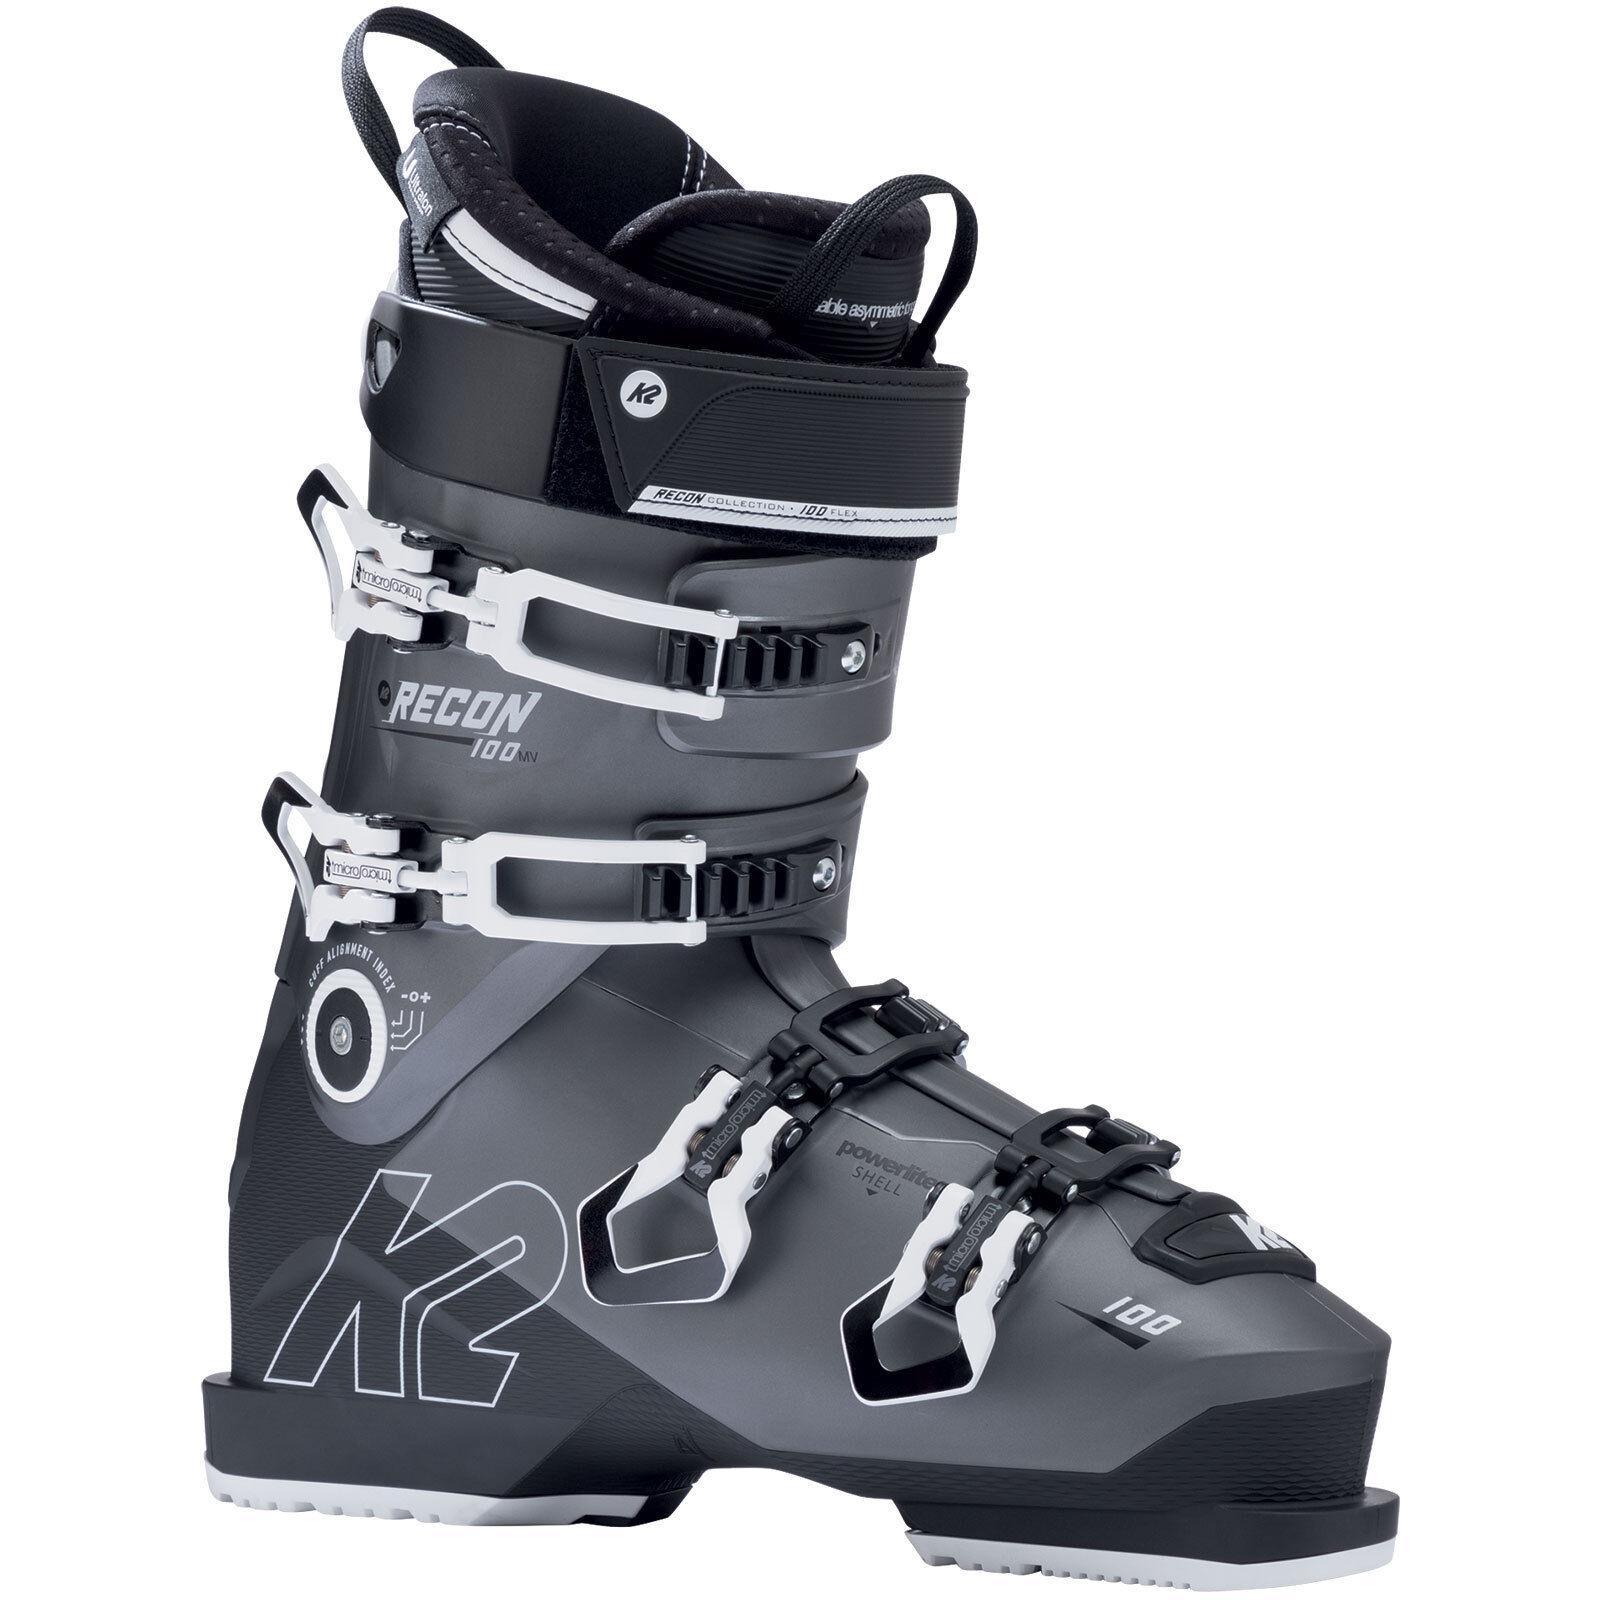 K2 Recon 100 Mv Ski Boots Ski Boots Ski Boots All-Mountain 4-schnallen Men's